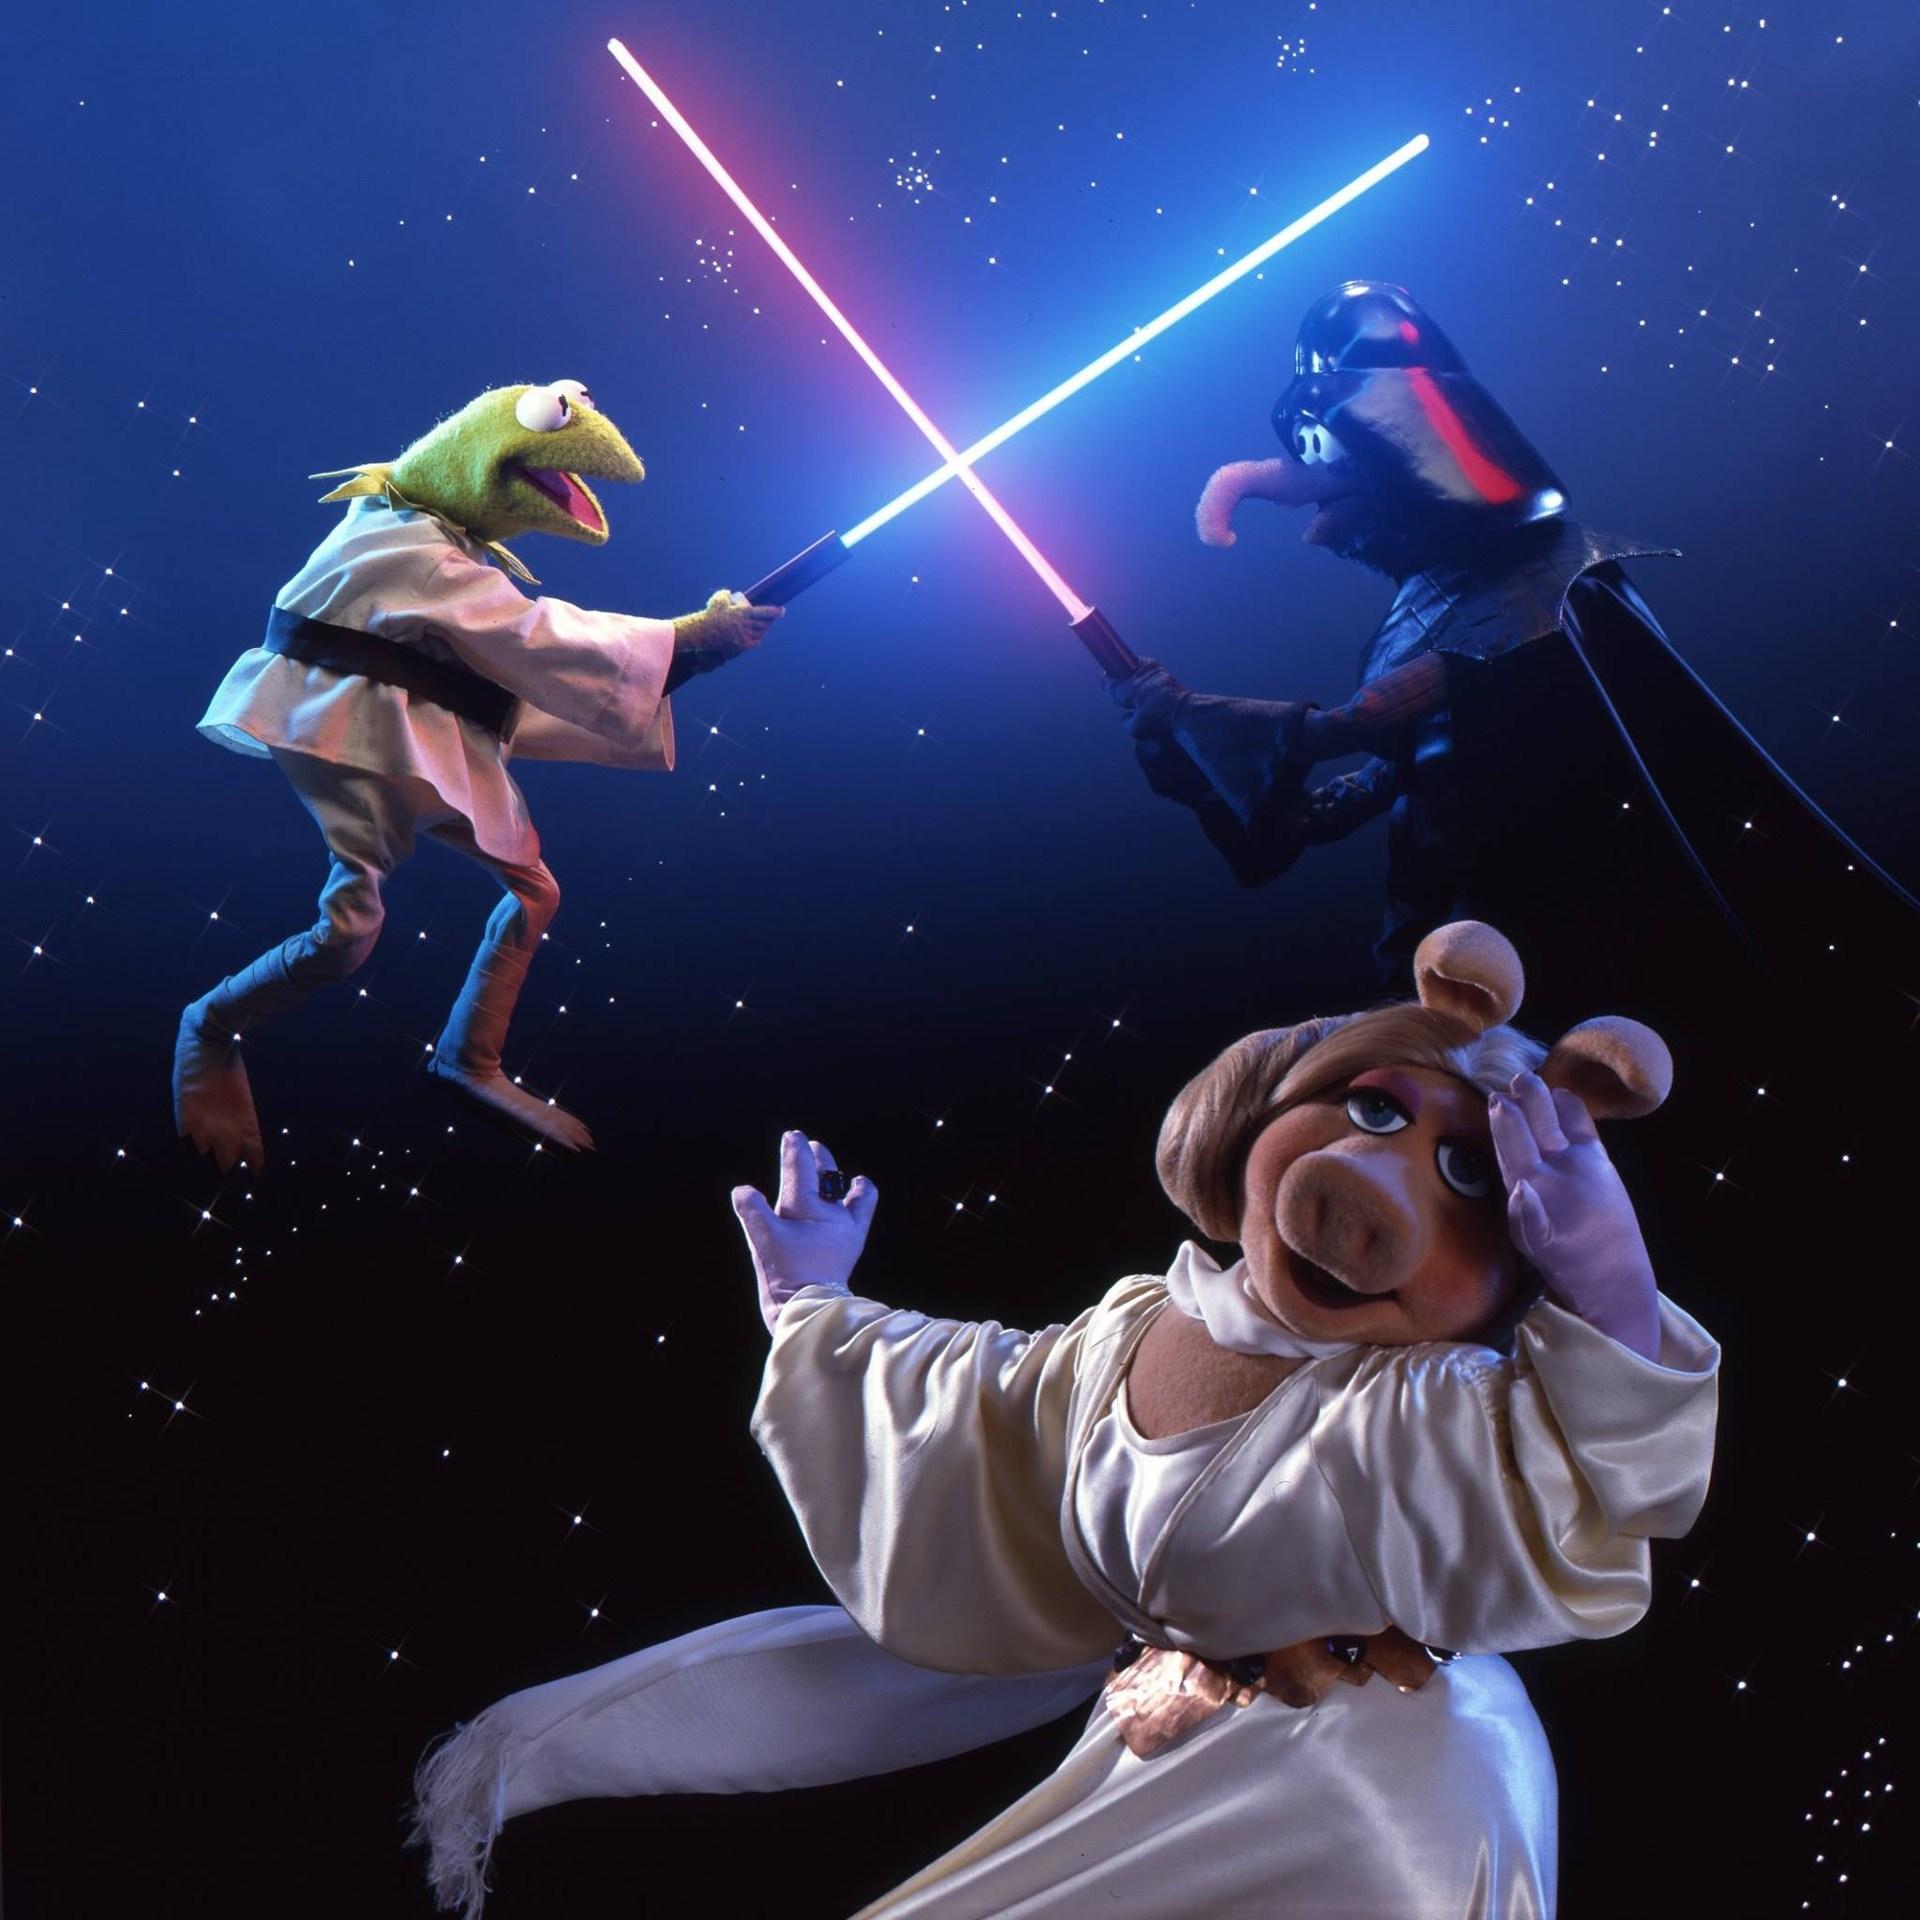 Muppet Star Wars